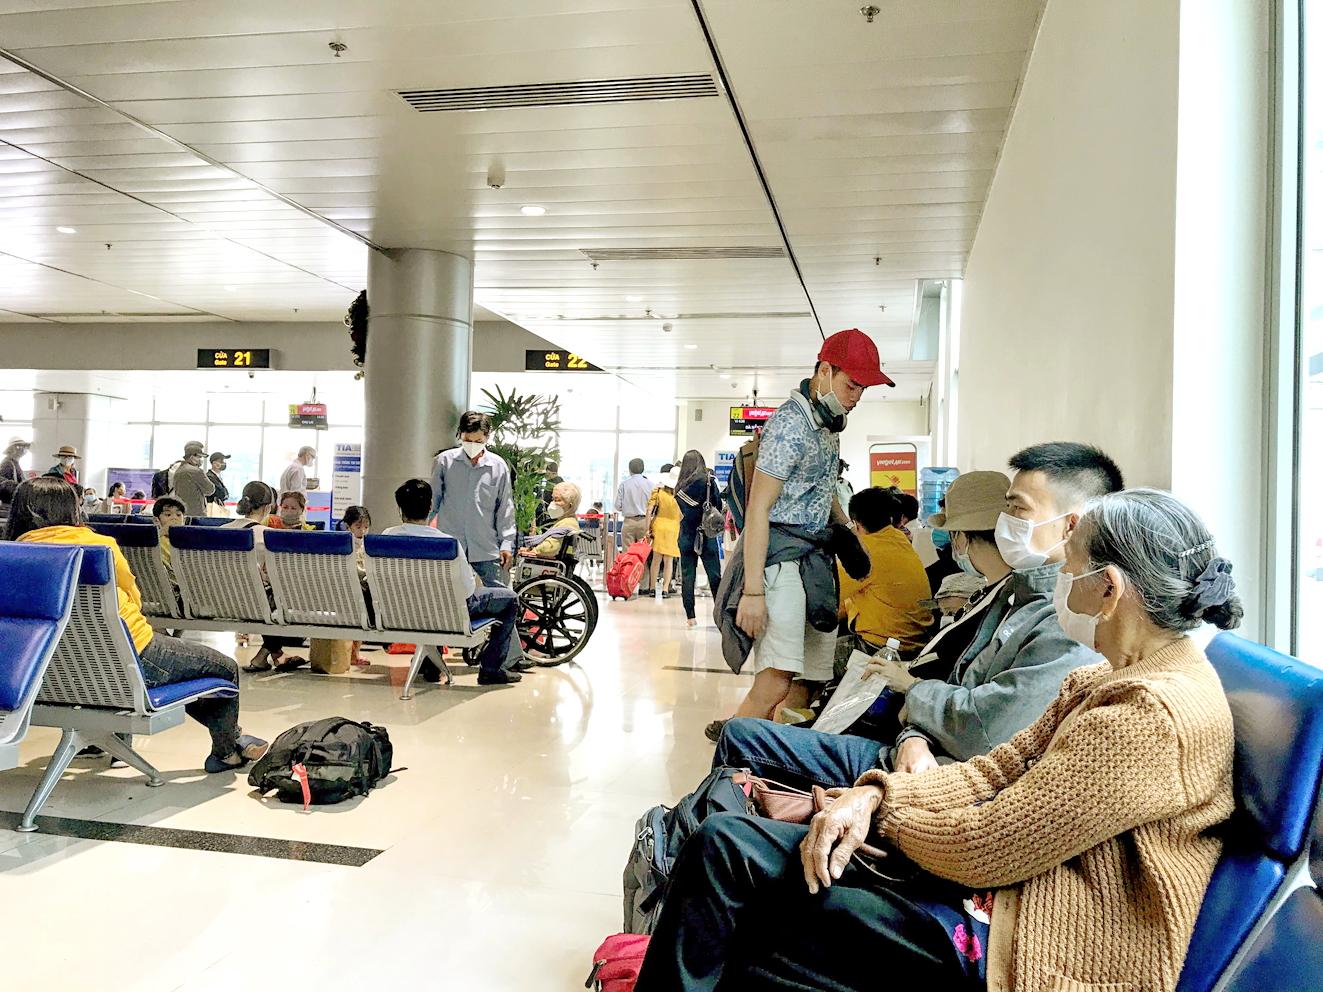 Các hãng hàng không đang rất nóng lòng được mở lại các đường bay nội địa - ẢNH: Q.THÁI